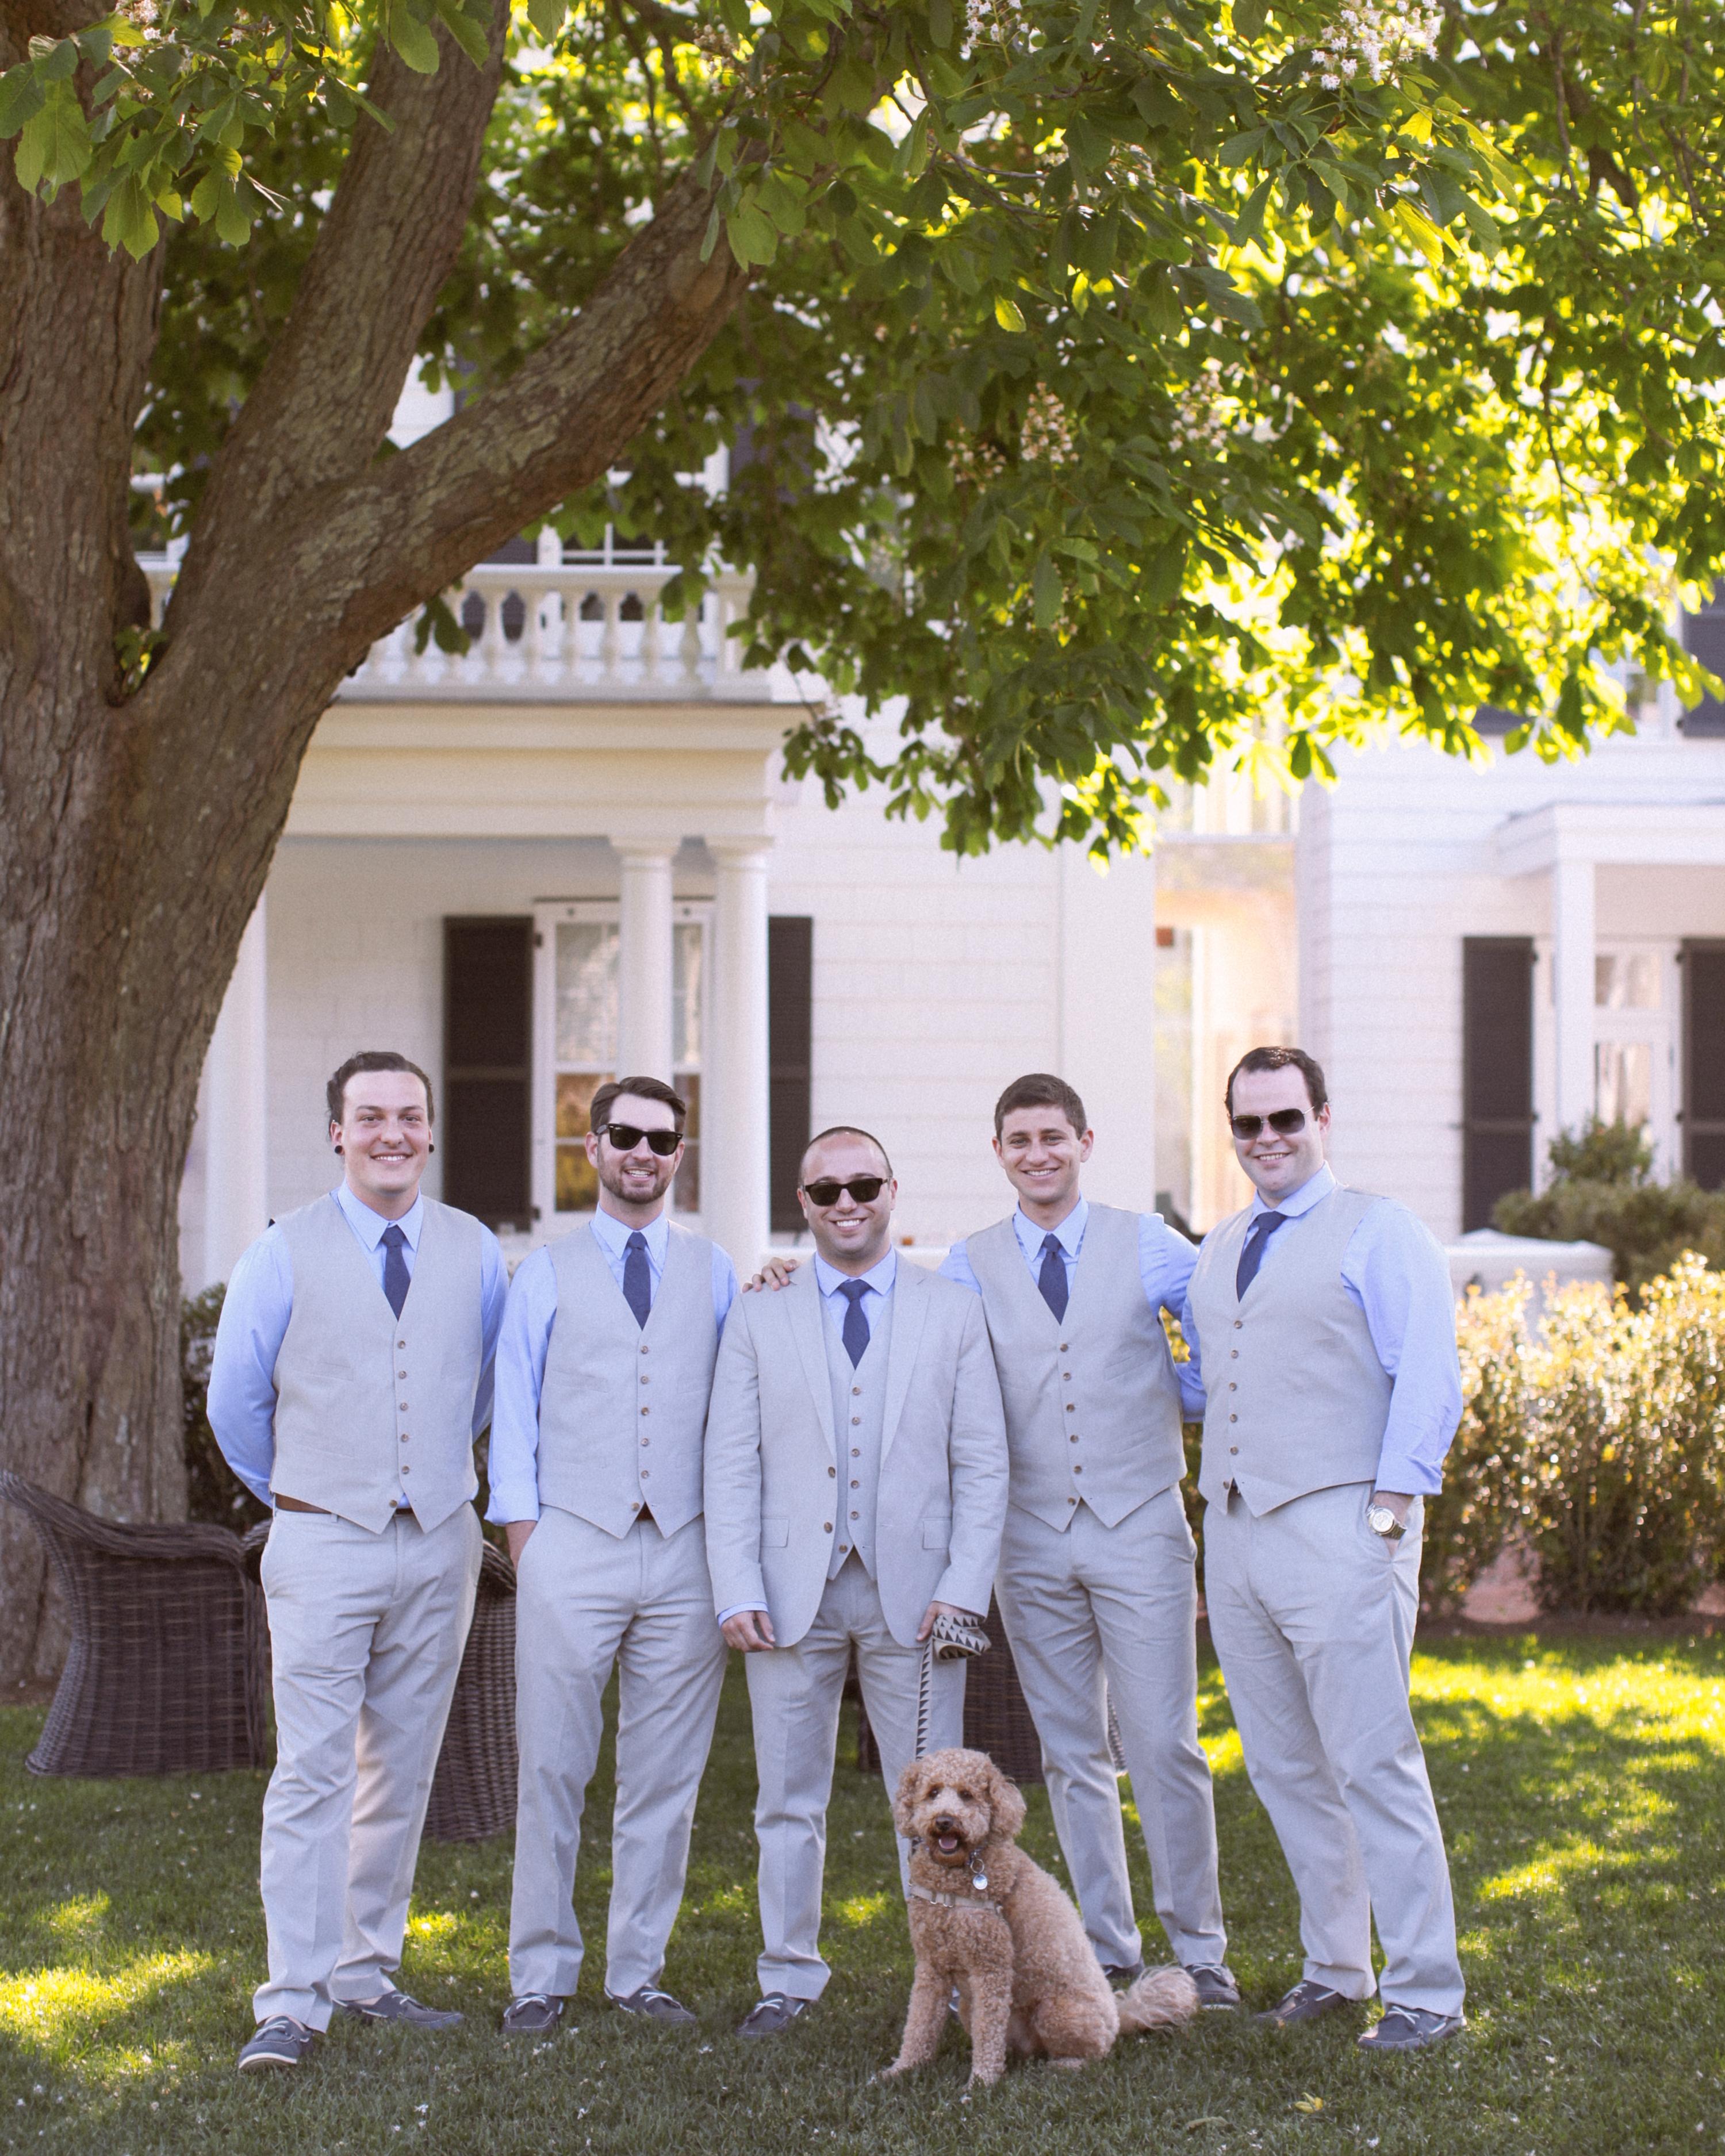 sarah-evan-wedding-groomsmen-0514.jpg